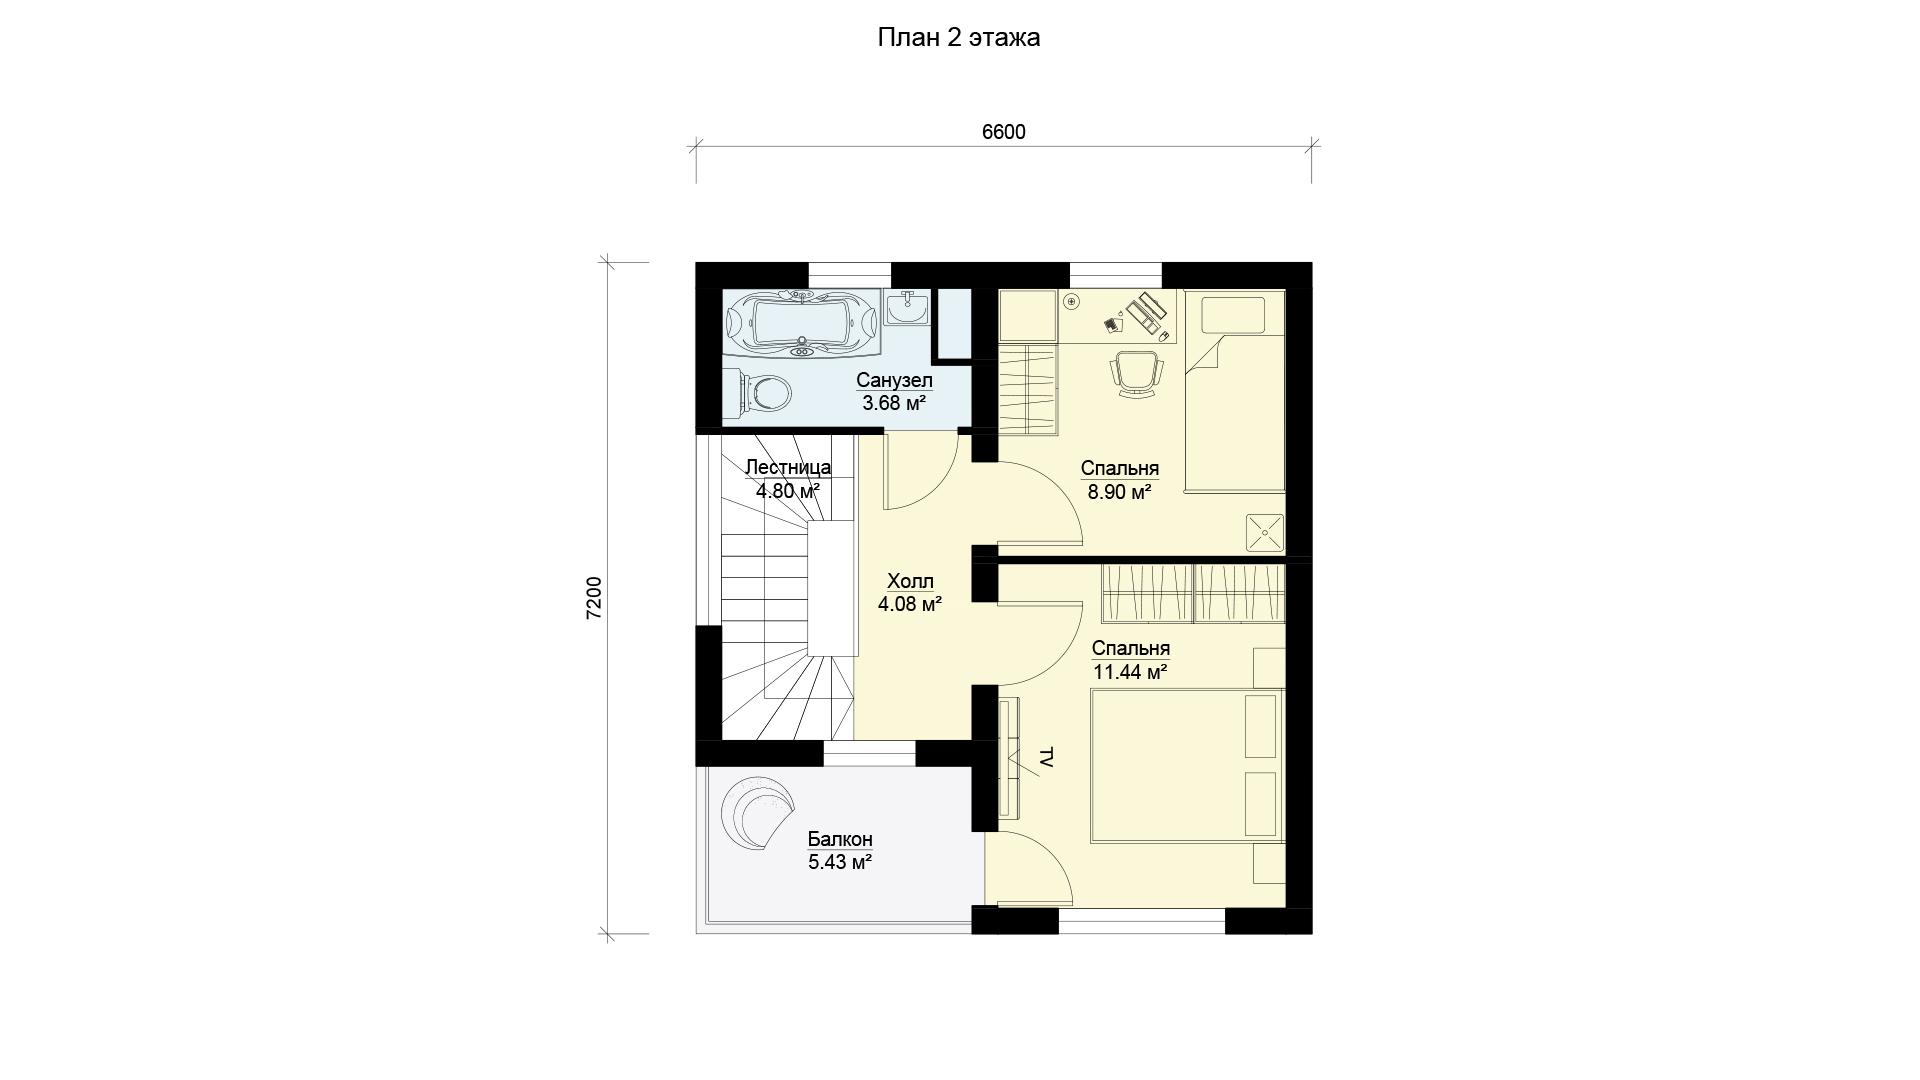 План второго этажа двухэтажного загородного дома с двумя спальнями и балконом, проект БЭНПАН МС-95.